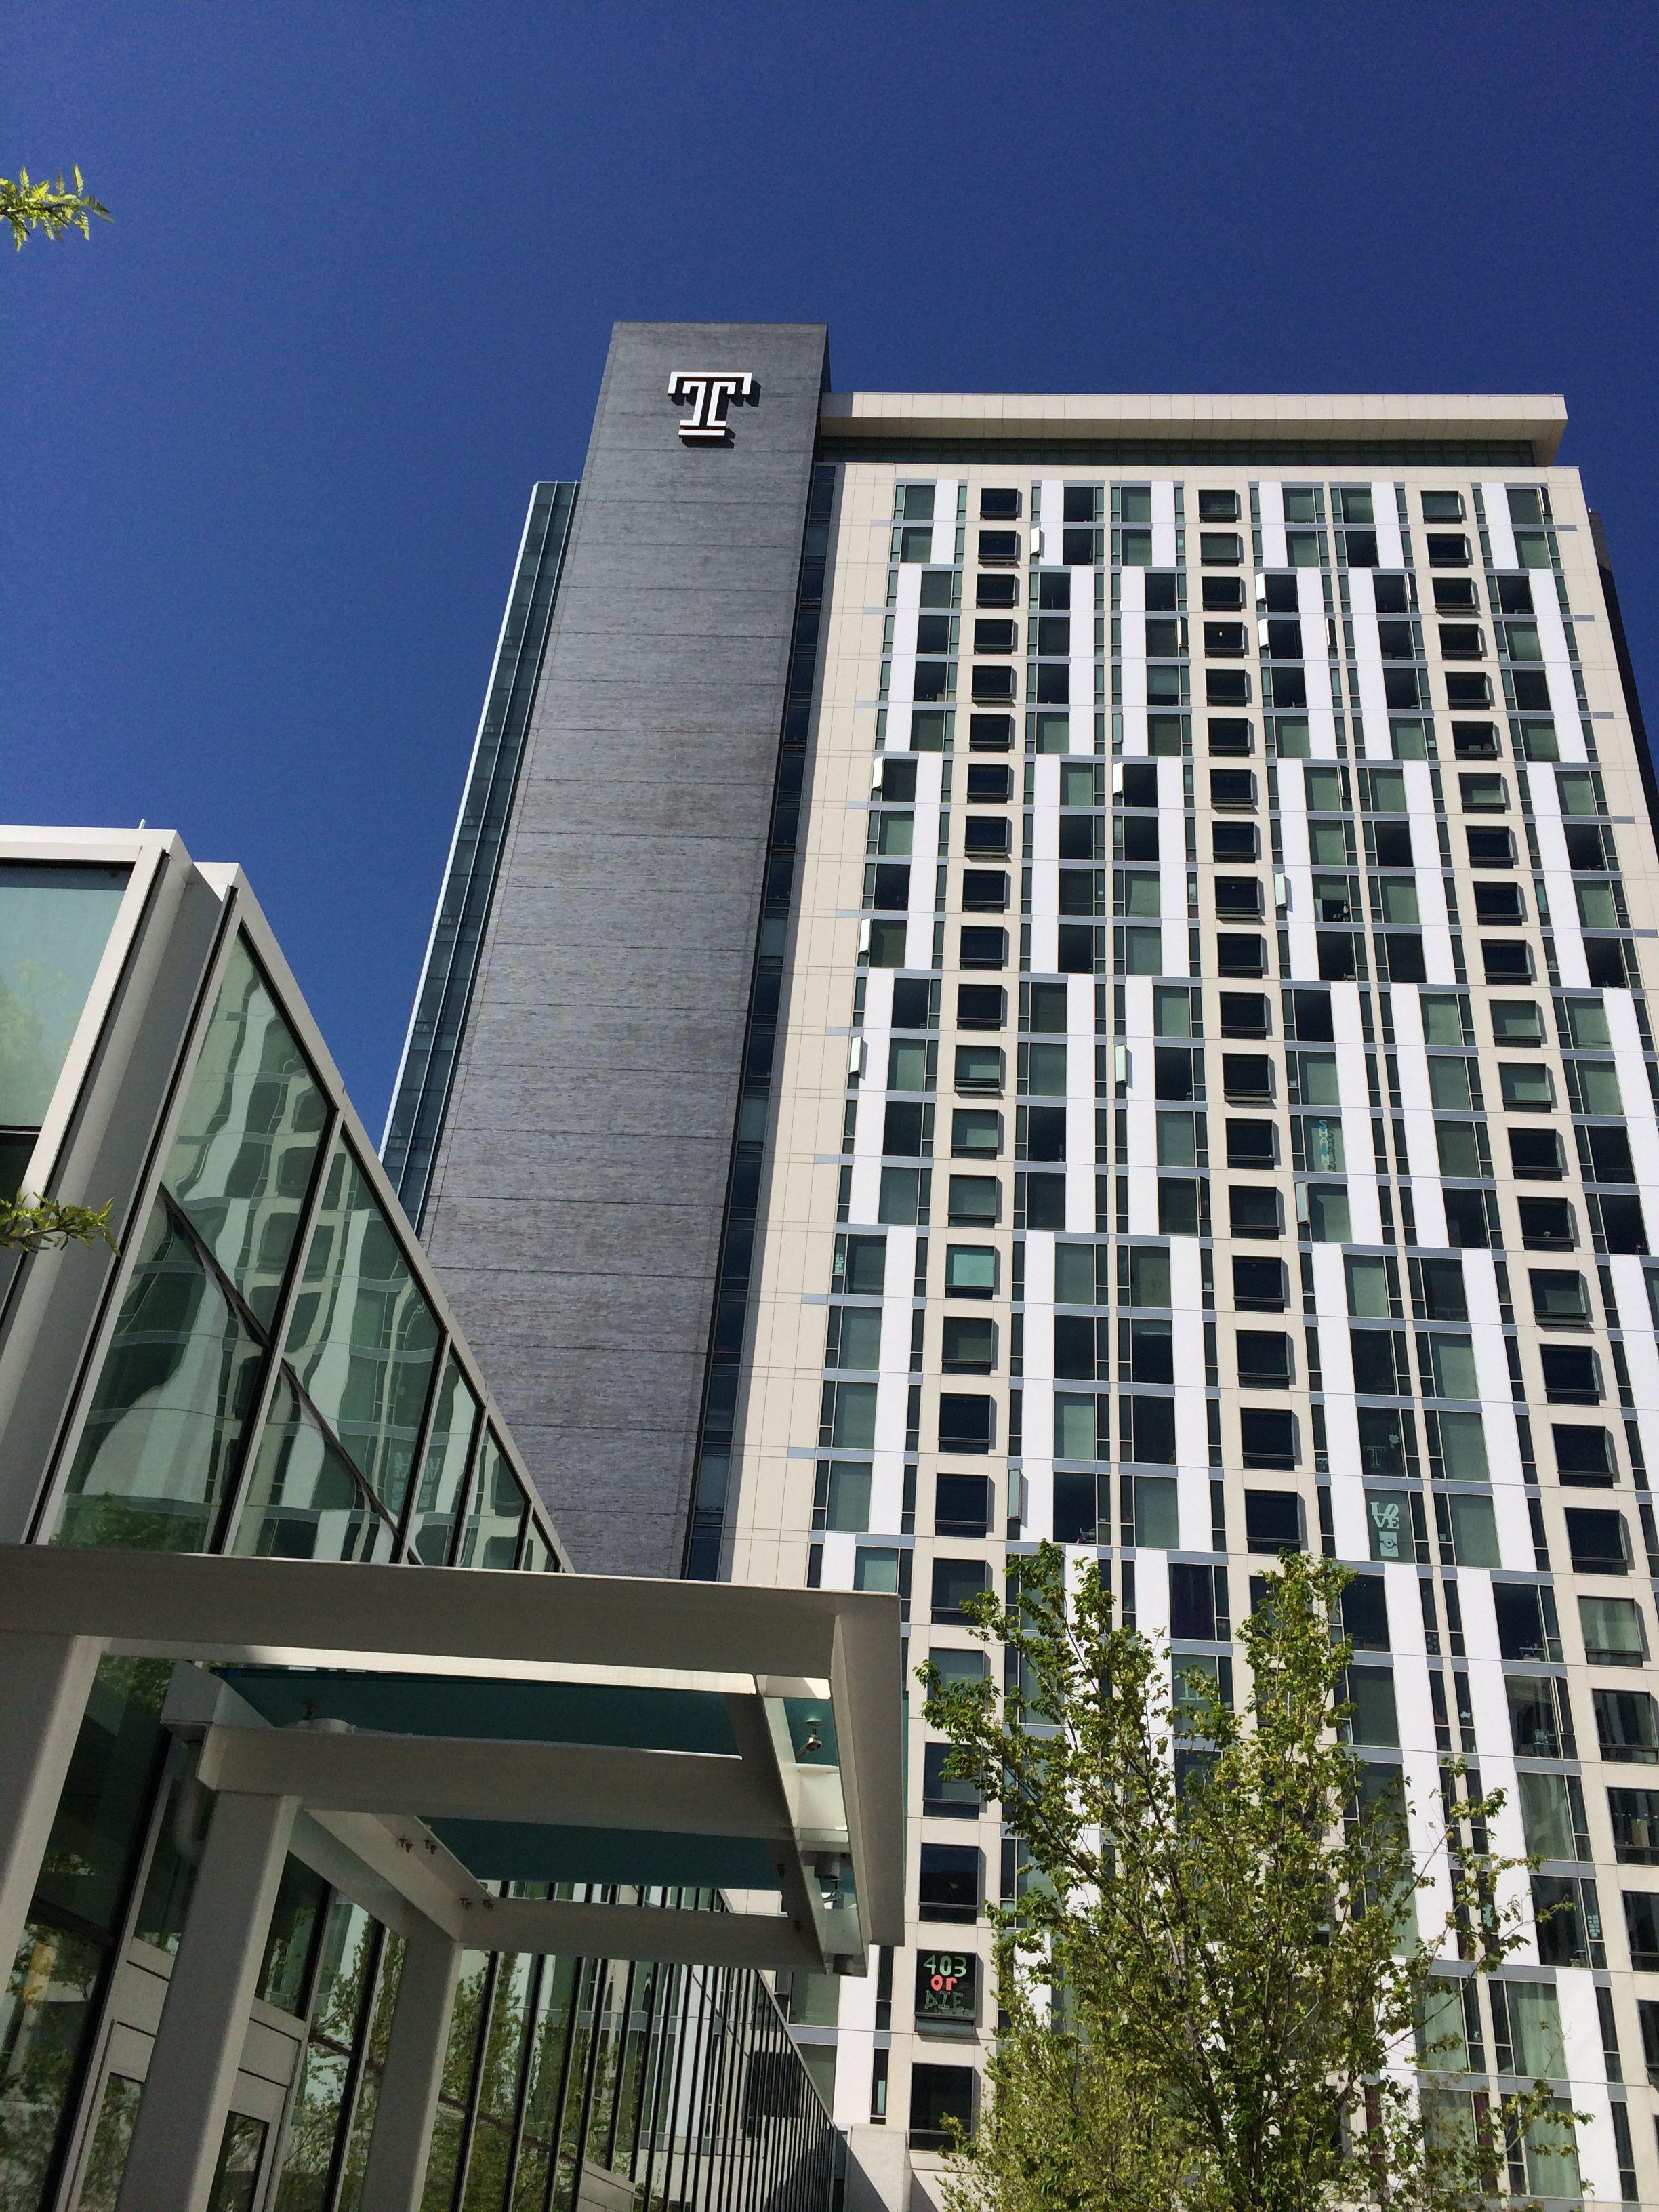 Morgan Hall Temple University Skyscraper Building